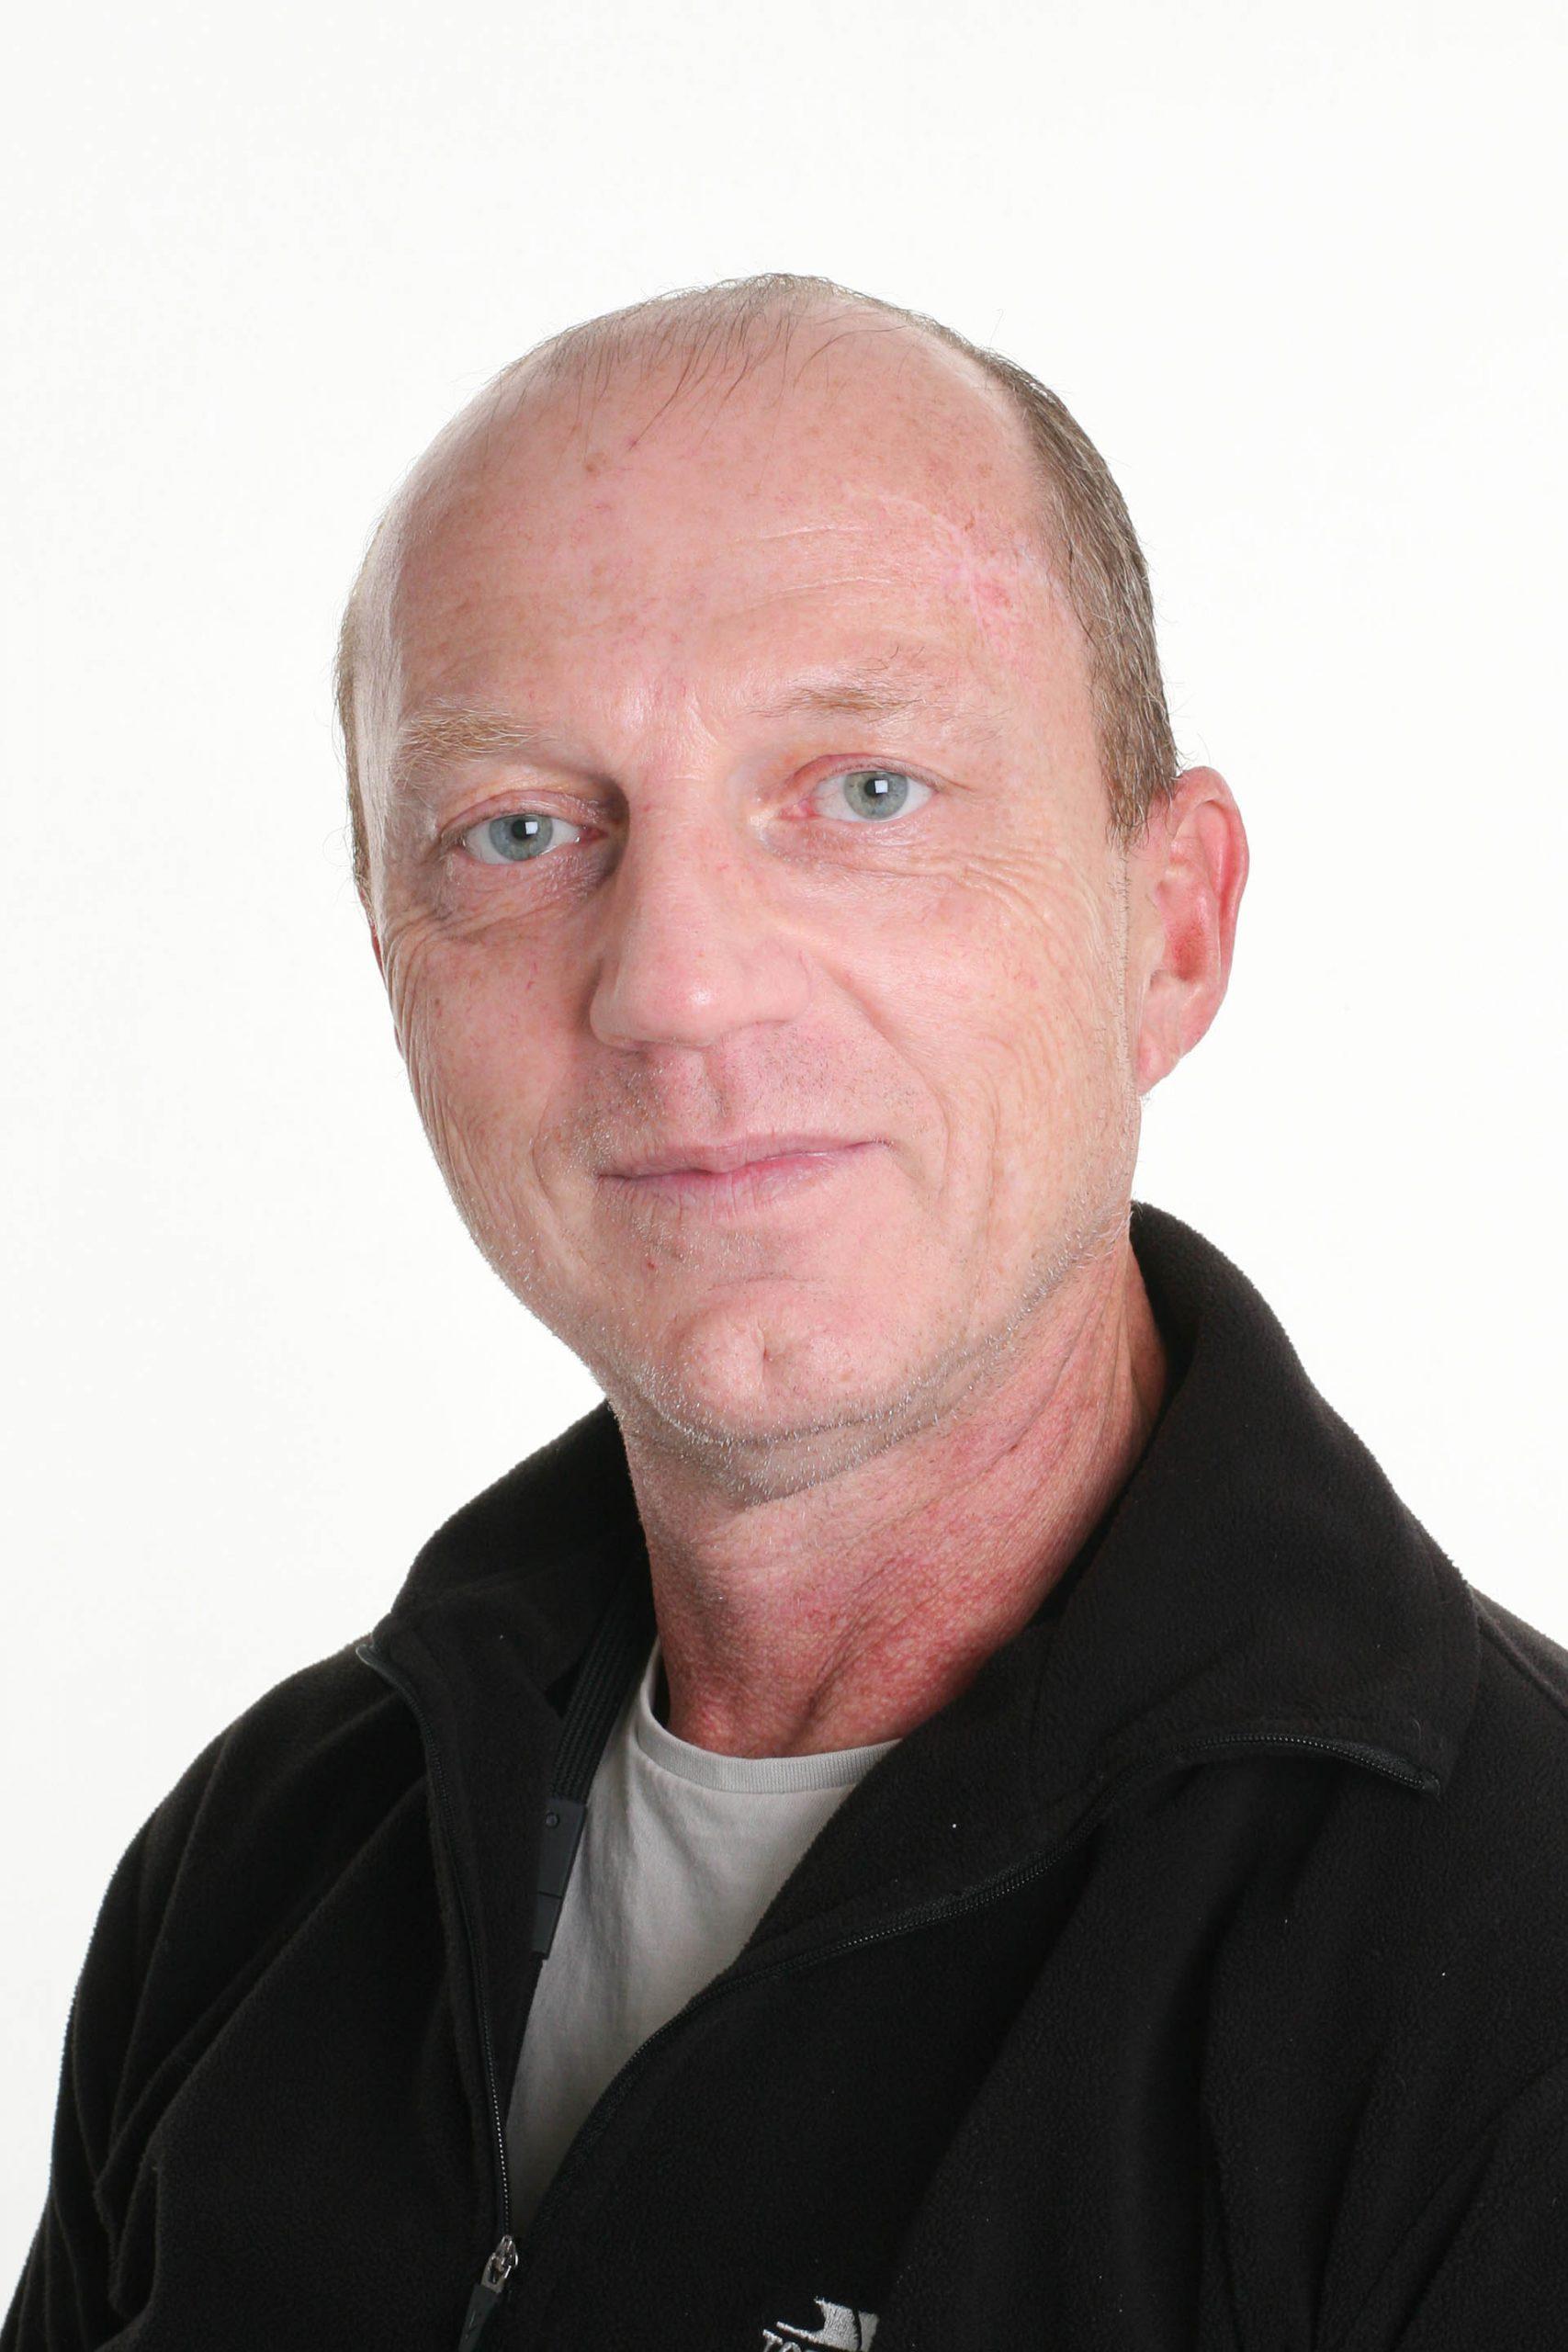 Dave Nicholls : Premises Assistant